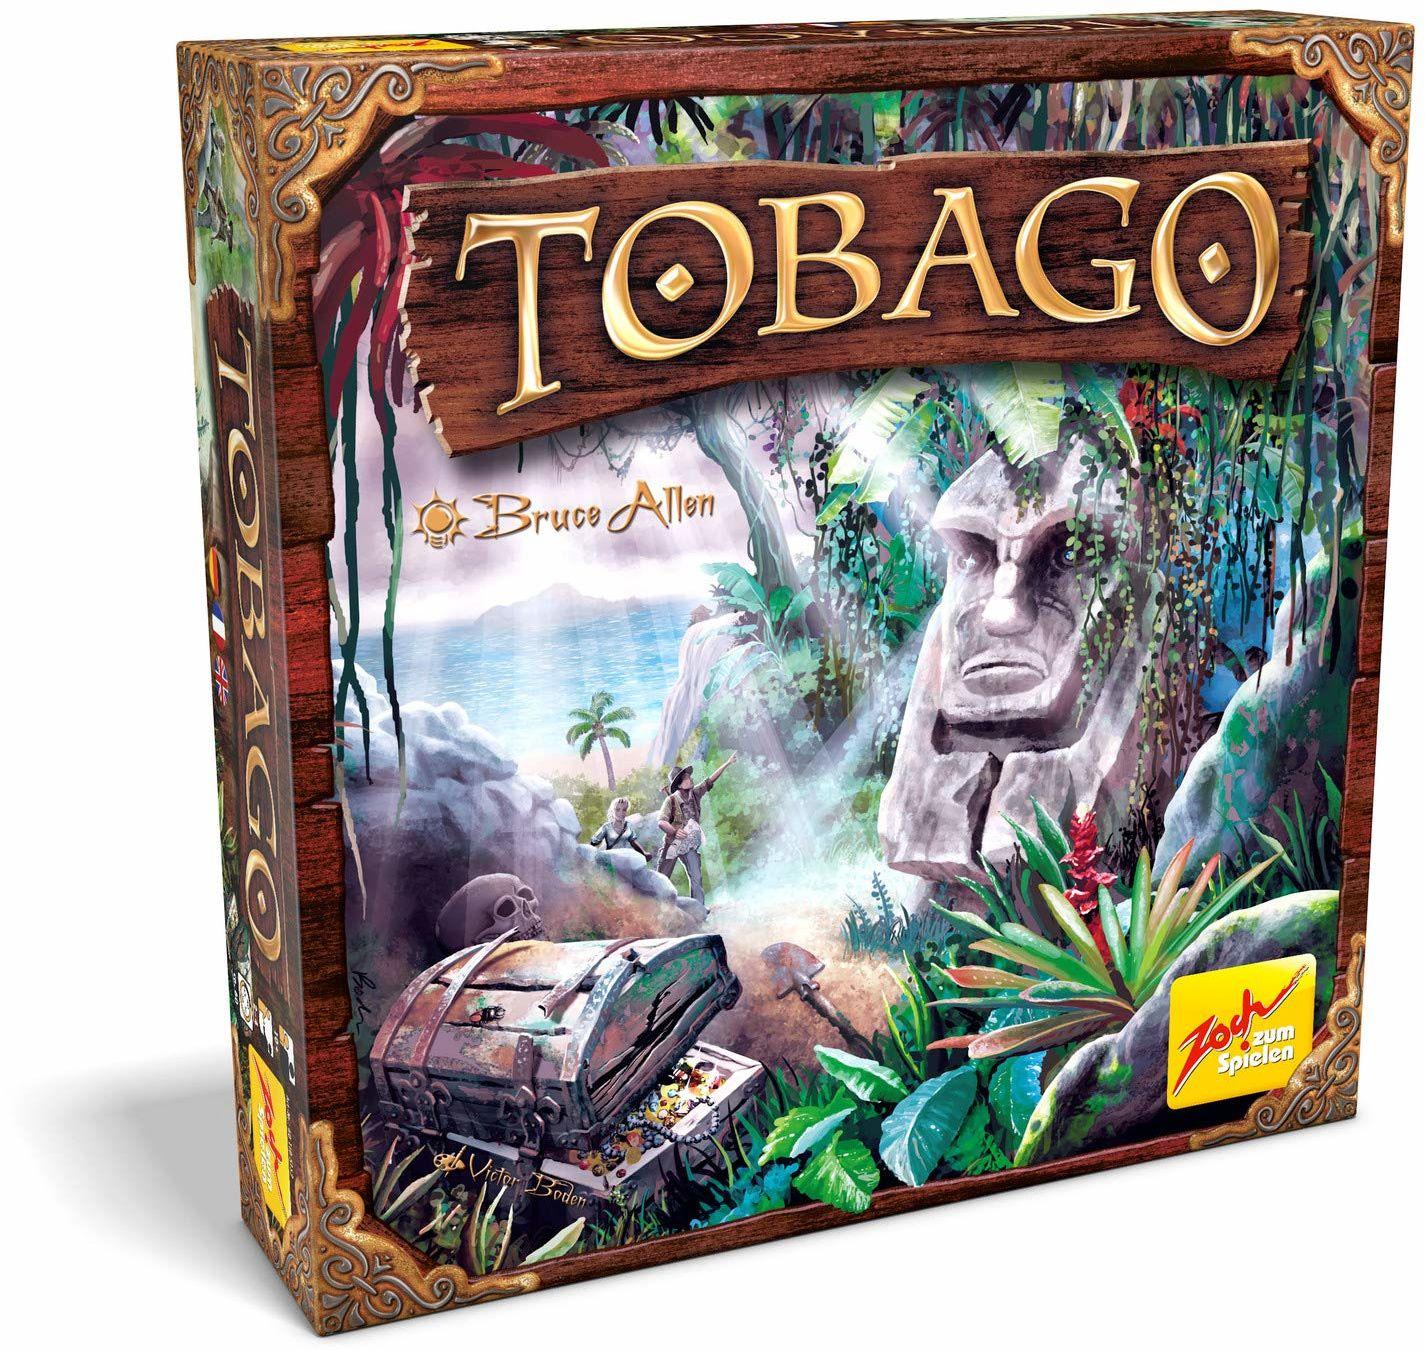 Zoch 601105152  Tobago (nowa edycja)  klasyka gry, rodzinna gra dla dorosłych i dzieci, gra grupowa dla 44231 graczy, od 10 lat